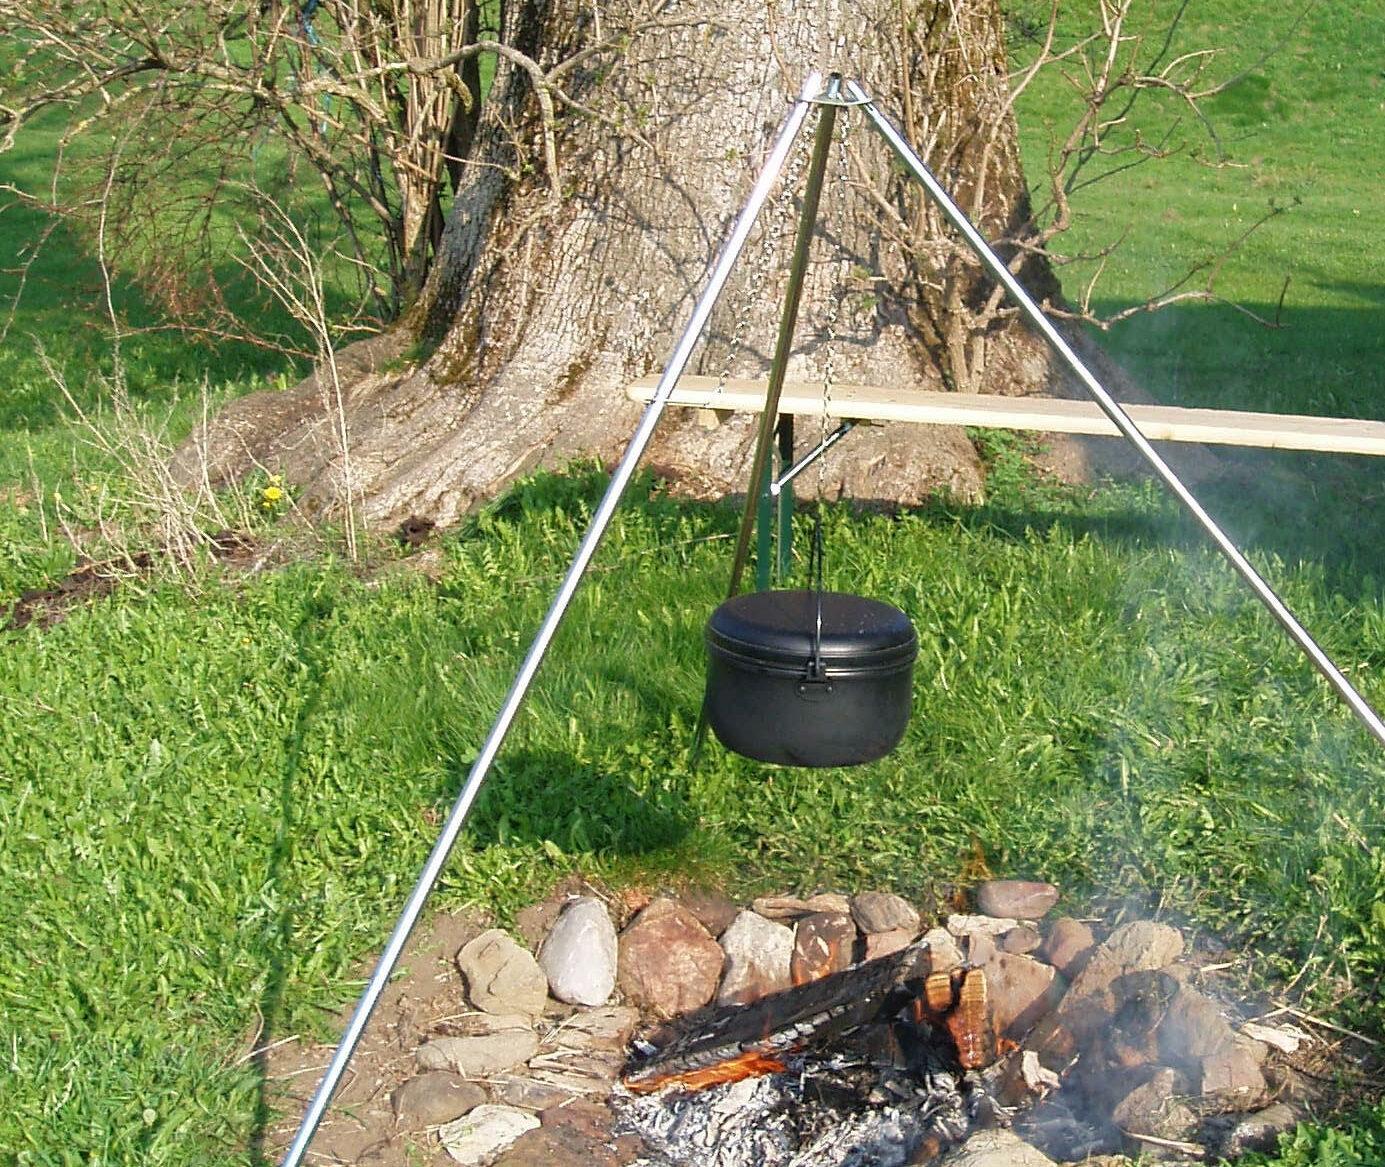 Auf dem Dreibein über dem Feuern kochen